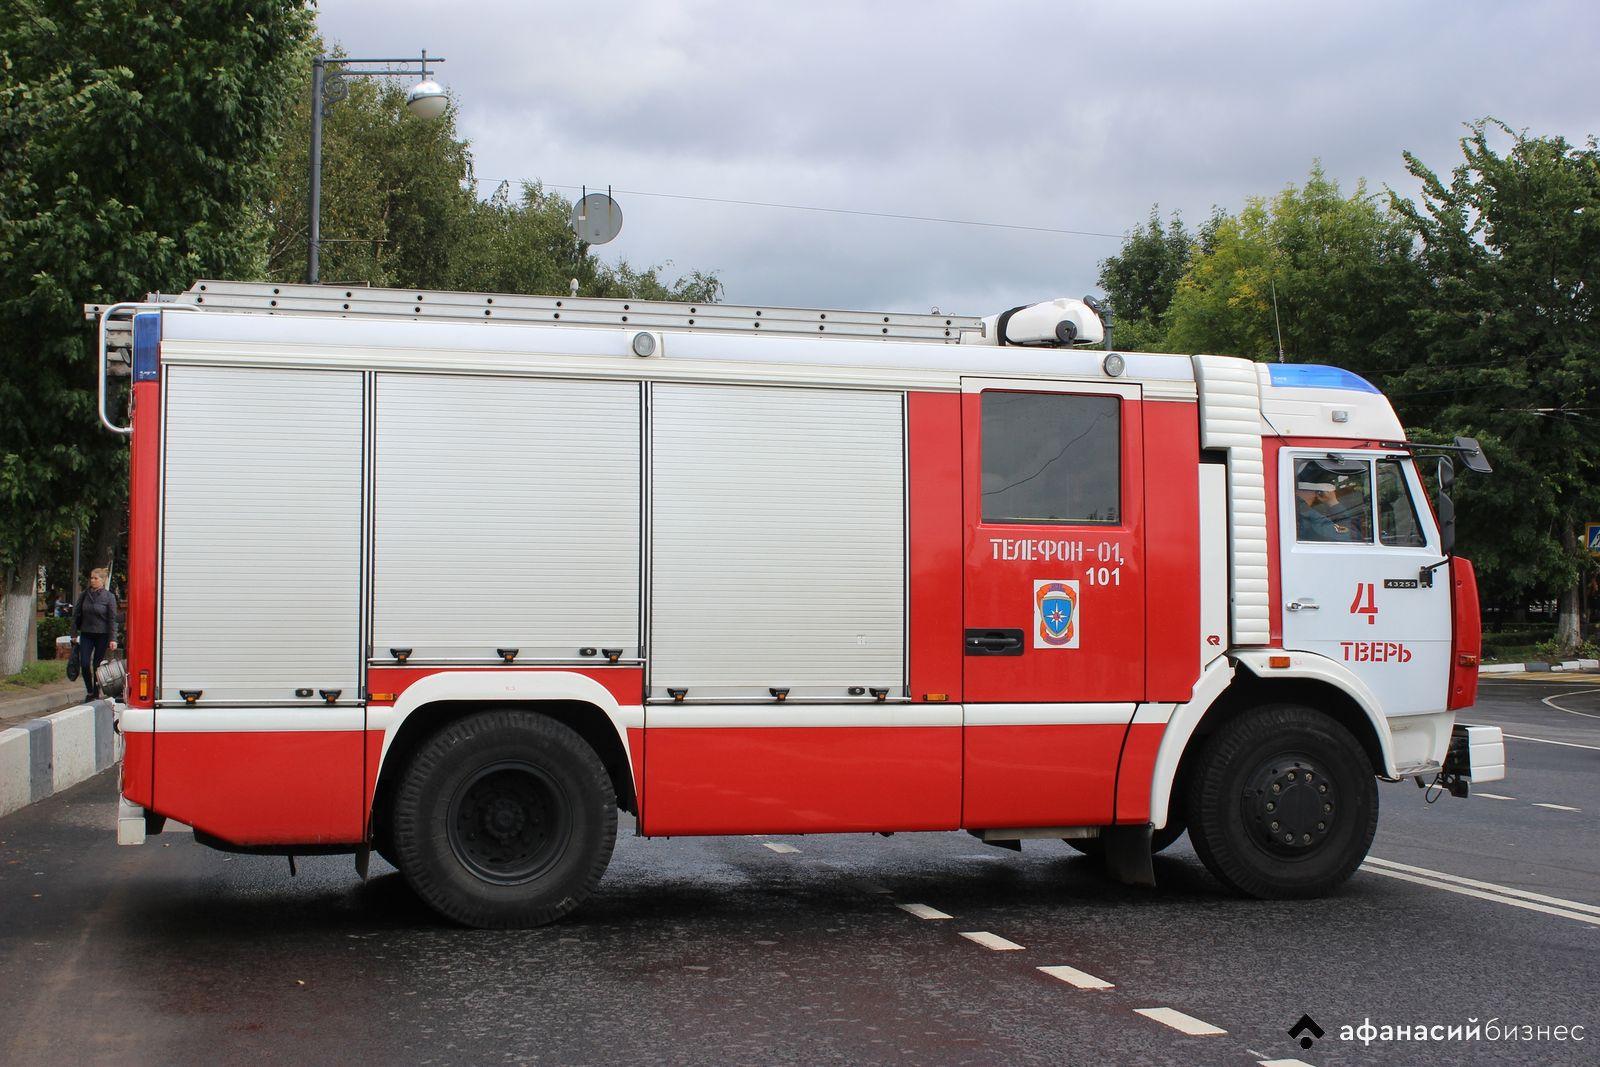 В центре Твери сожгли припаркованный автомобиль - новости Афанасий